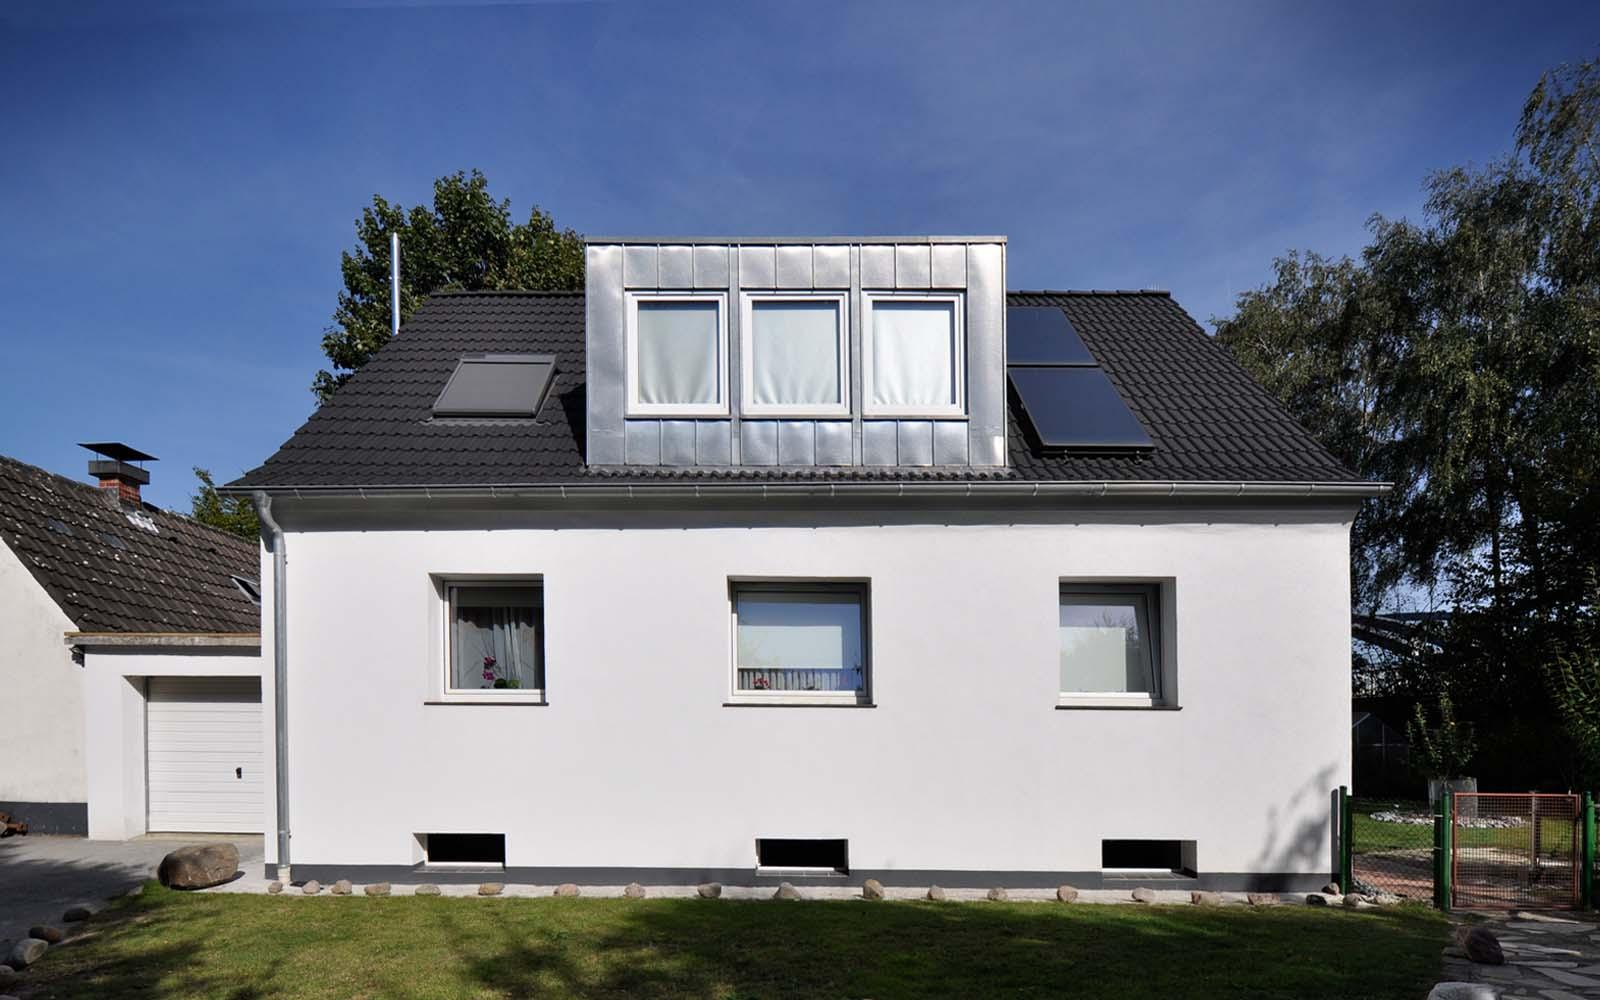 JIN_SteinwegClausArchitekten_Einfamilienhaus_Wärmeschutz_Sanierung_Muenster_00003